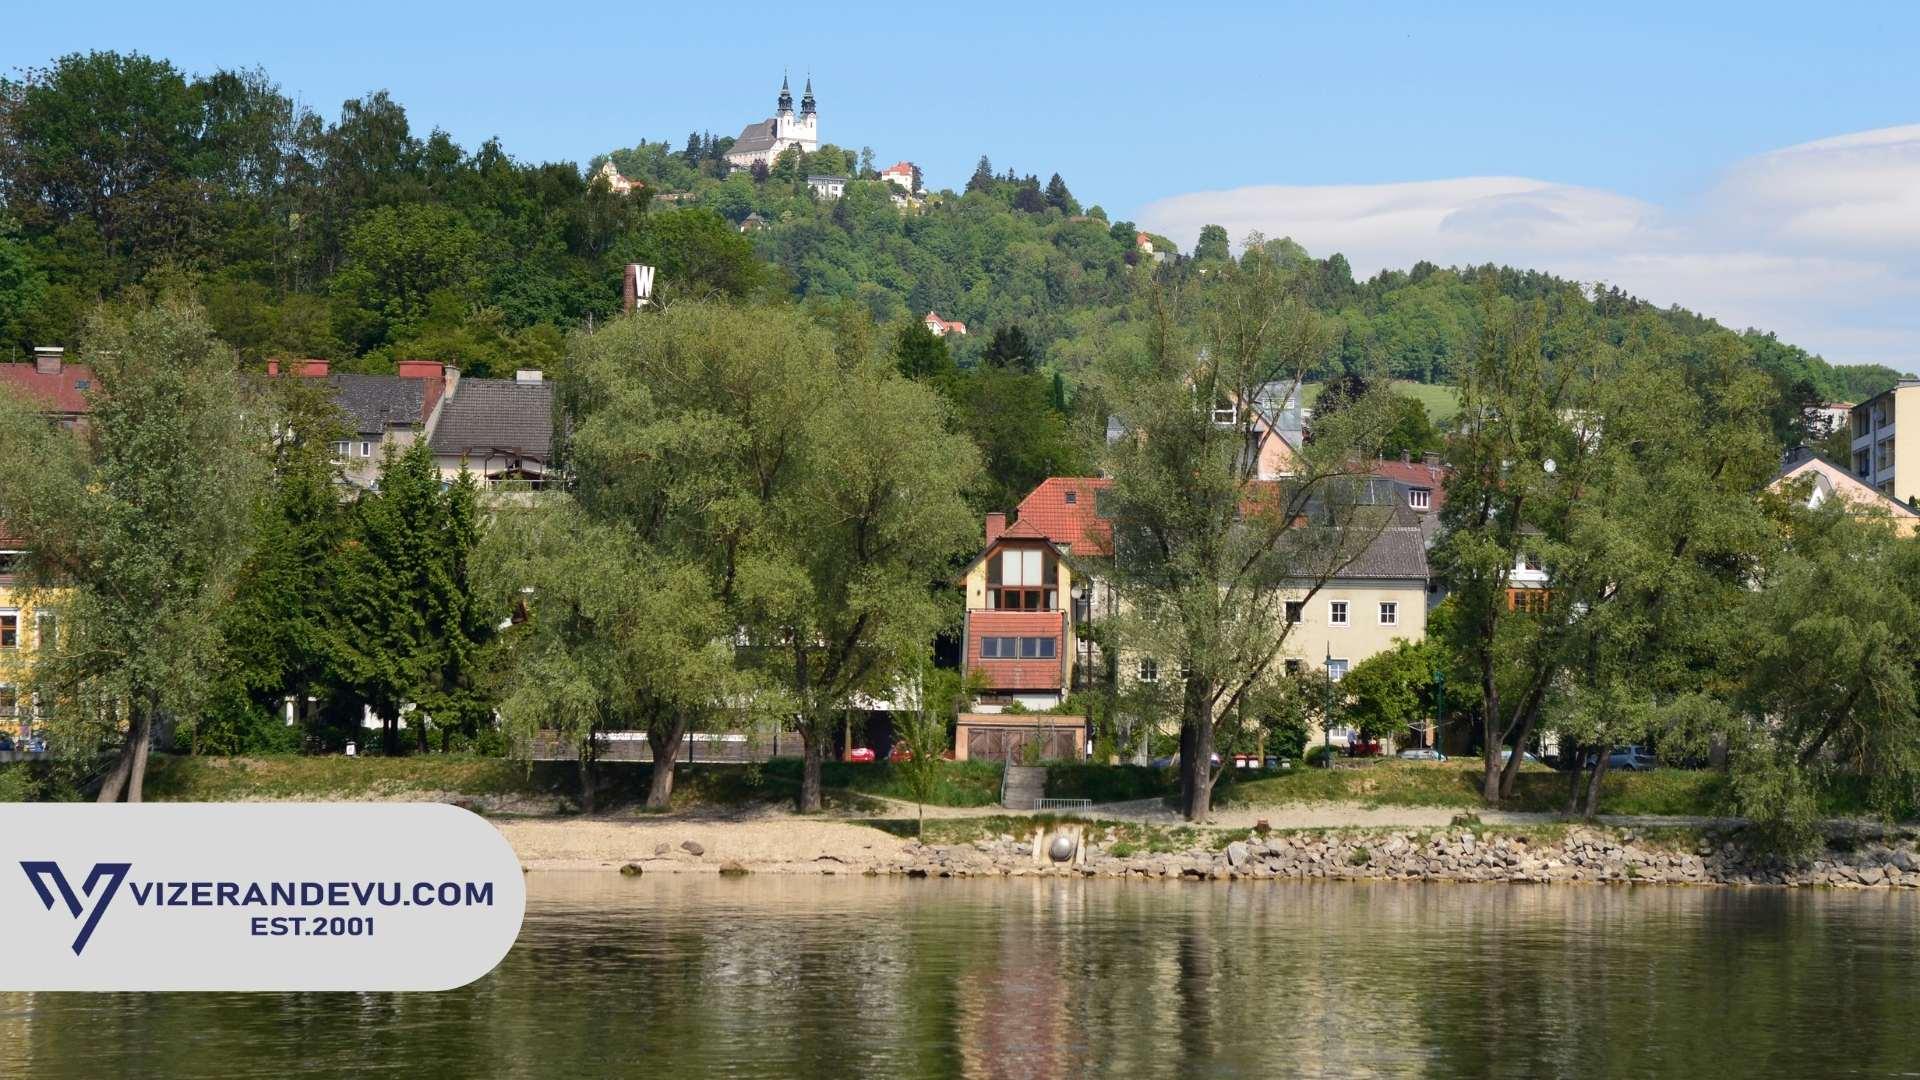 Avusturya'ya Giriş Amacına Göre Avusturya Vize Gereksinimleri Nelerdir